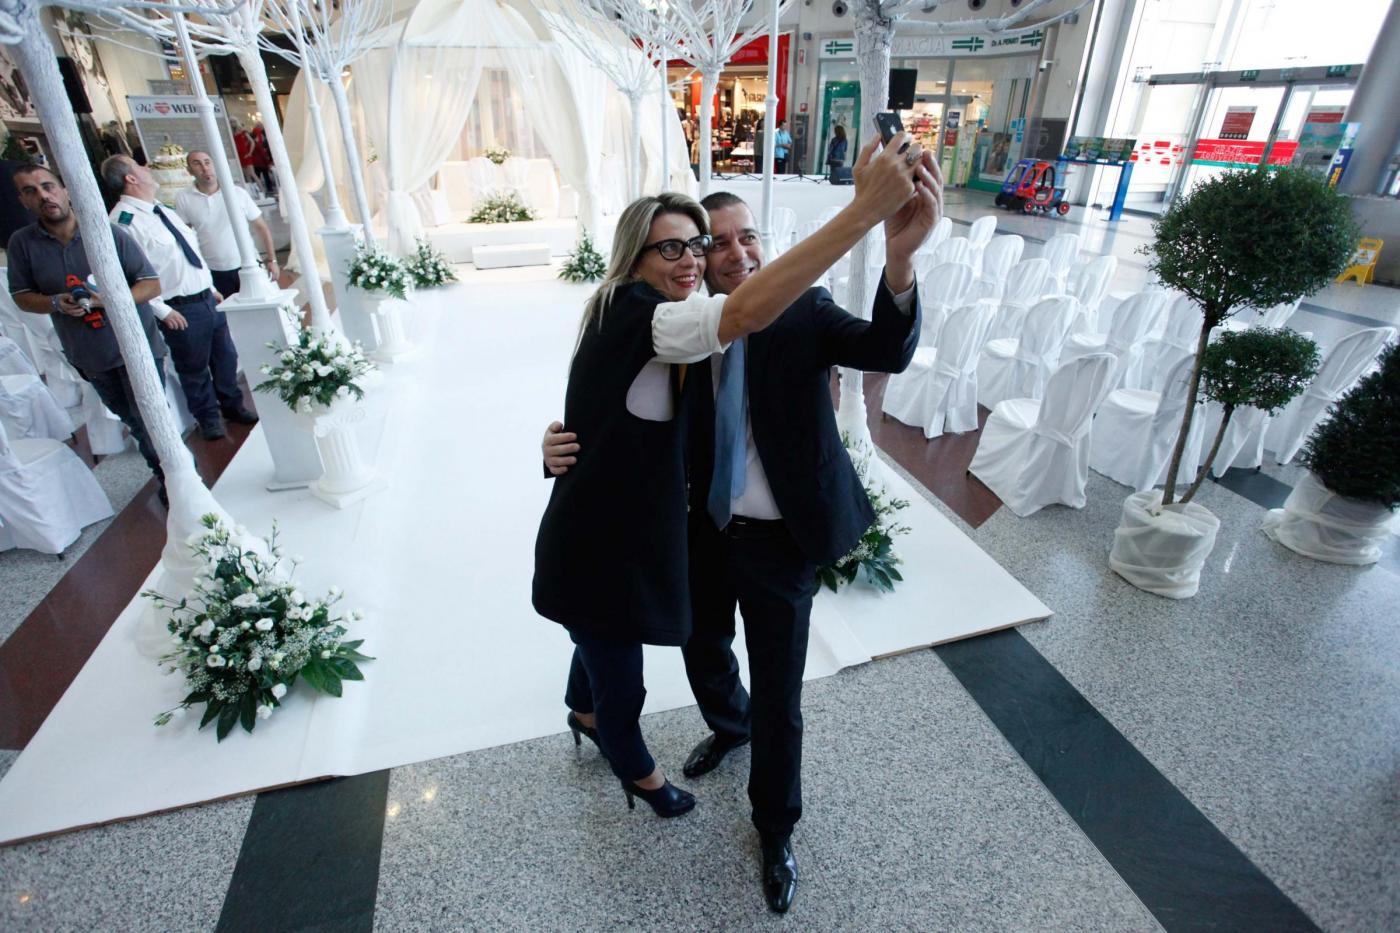 Si sposano nel centro commerciale del primo incontro: è la prima volta in Italia19